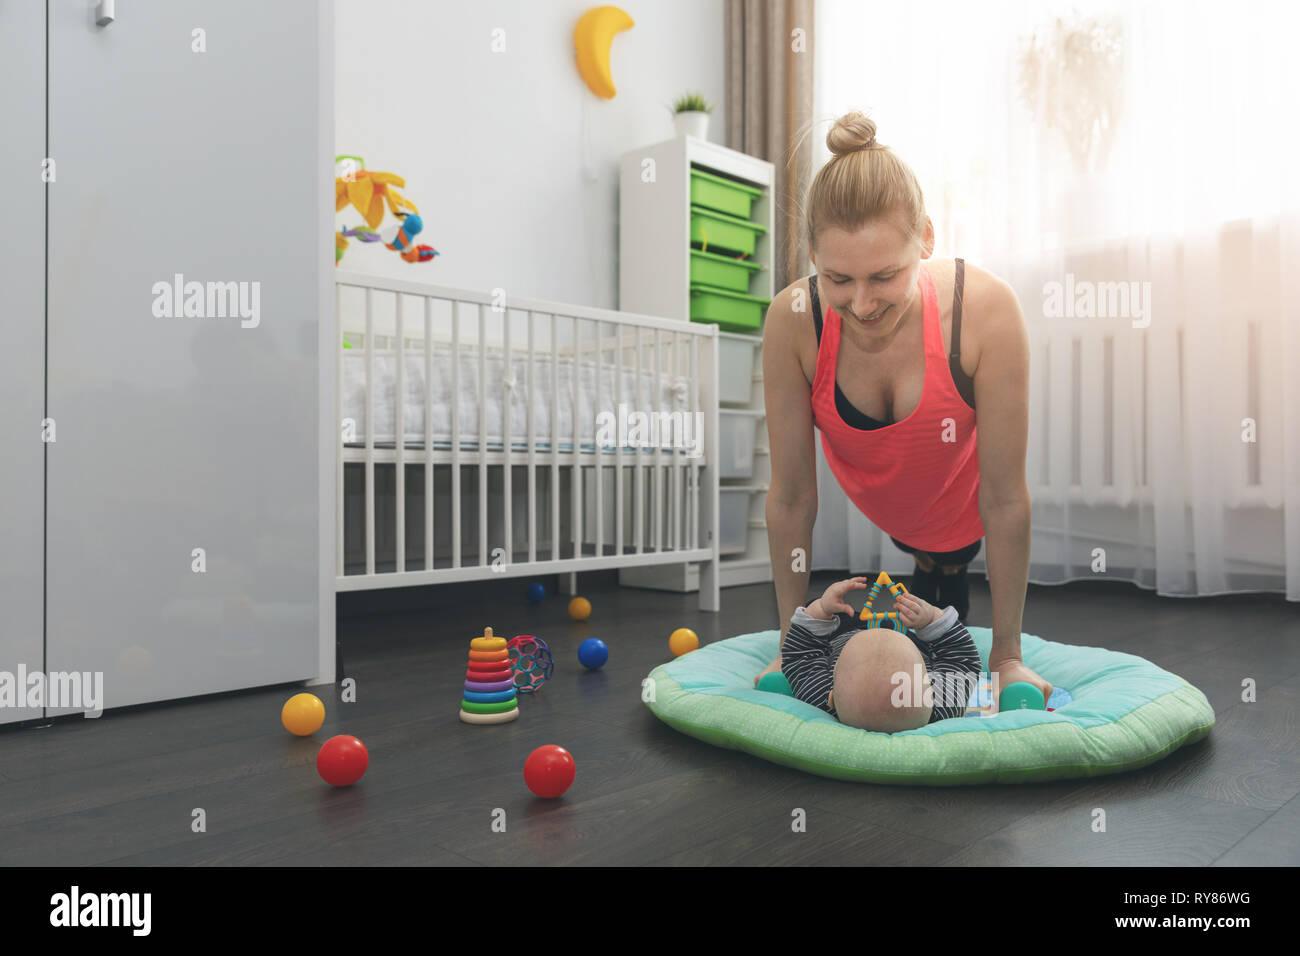 Giovane donna facendo spingere ups a casa mentre si sta giocando con il suo piccolo bambino Foto Stock